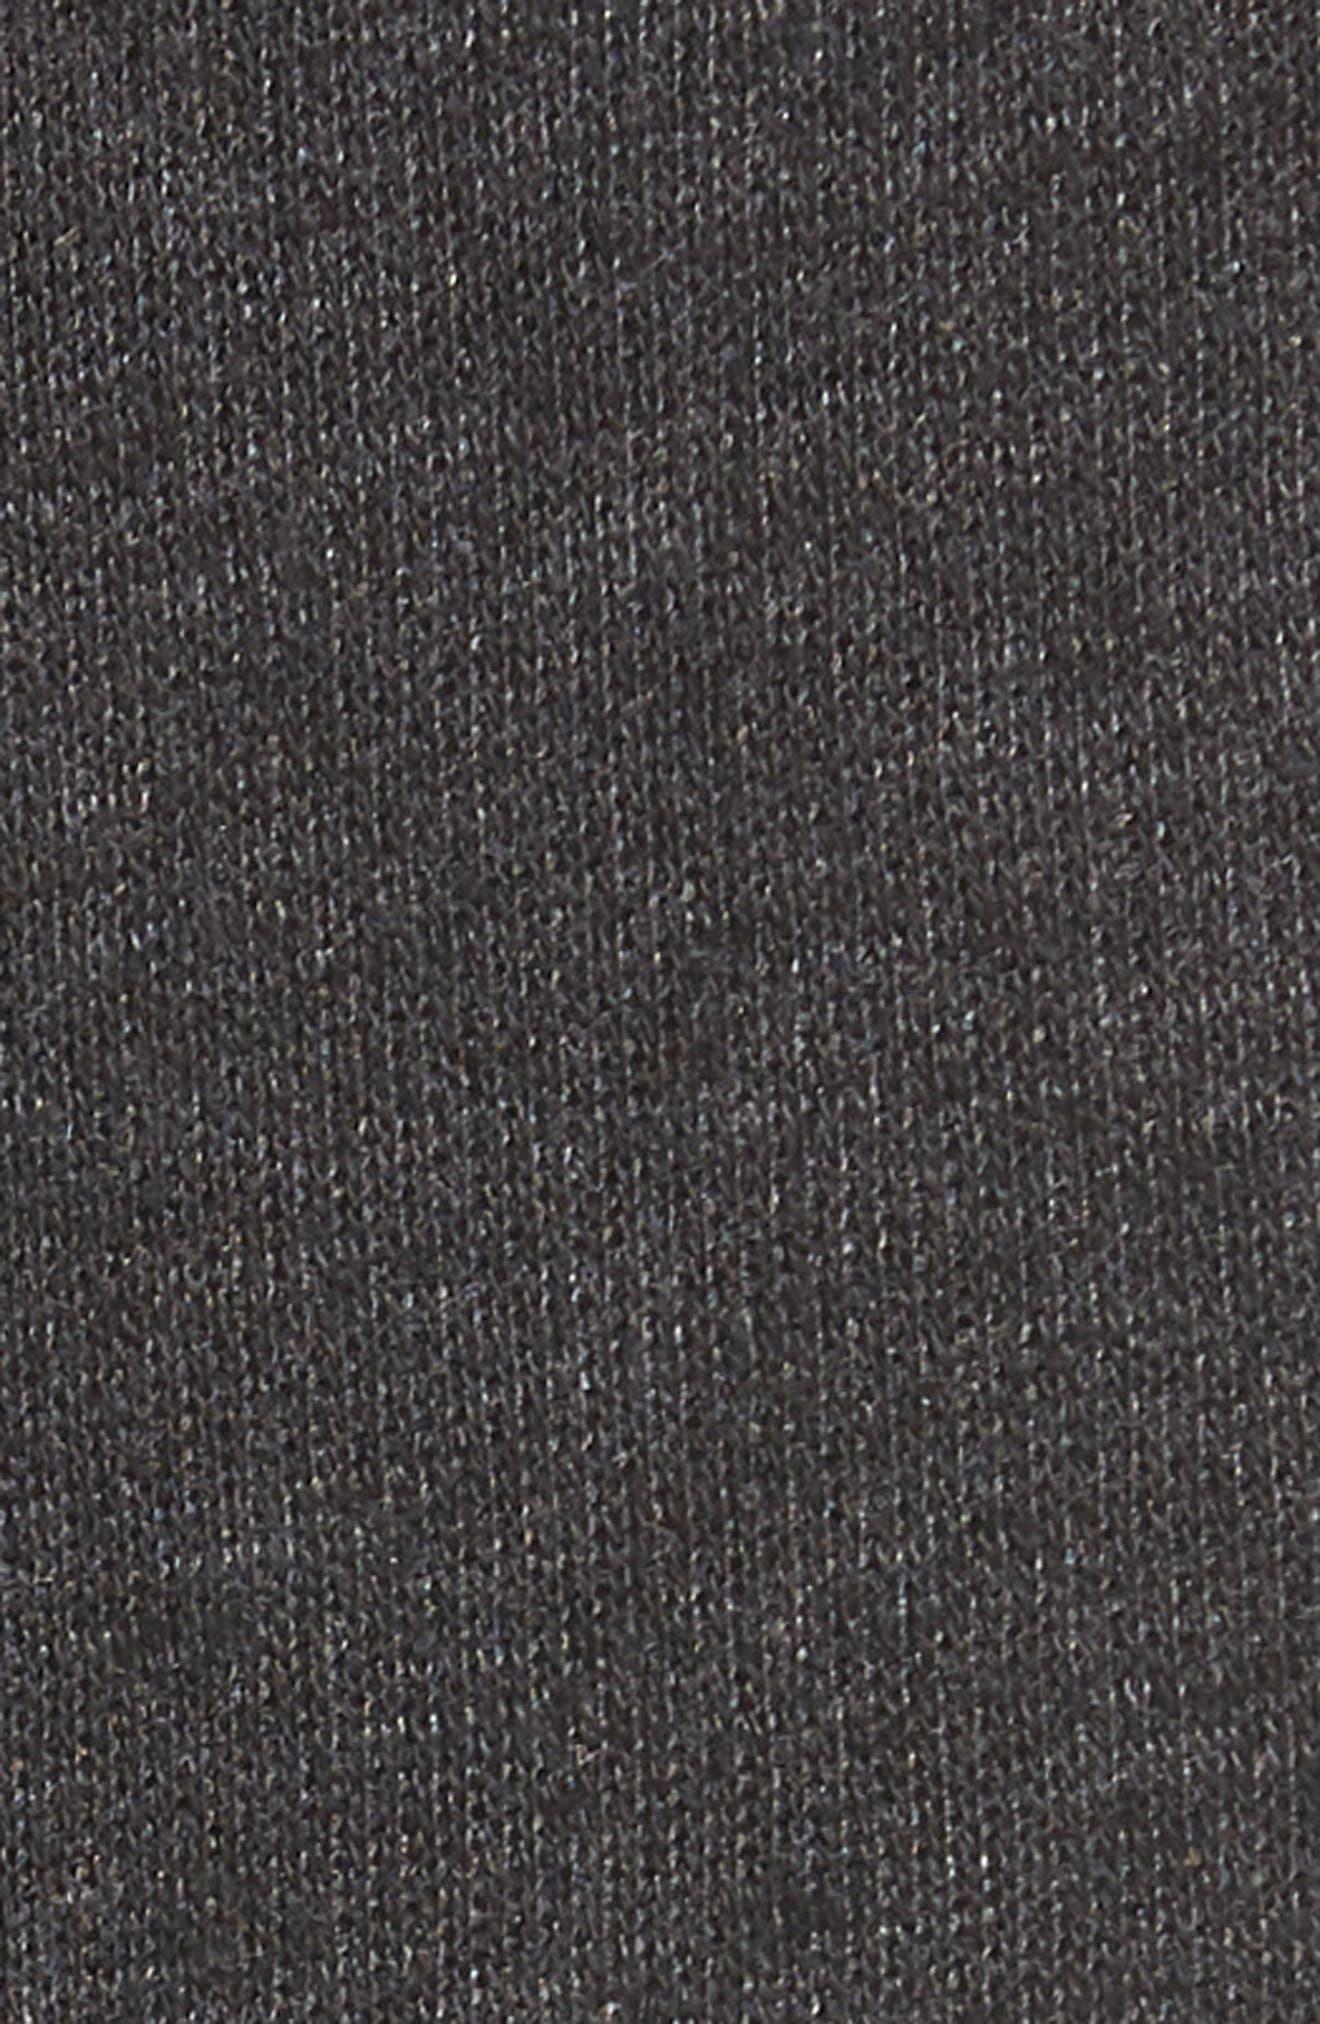 Kiama Lounge Pants,                             Alternate thumbnail 6, color,                             Mw Black